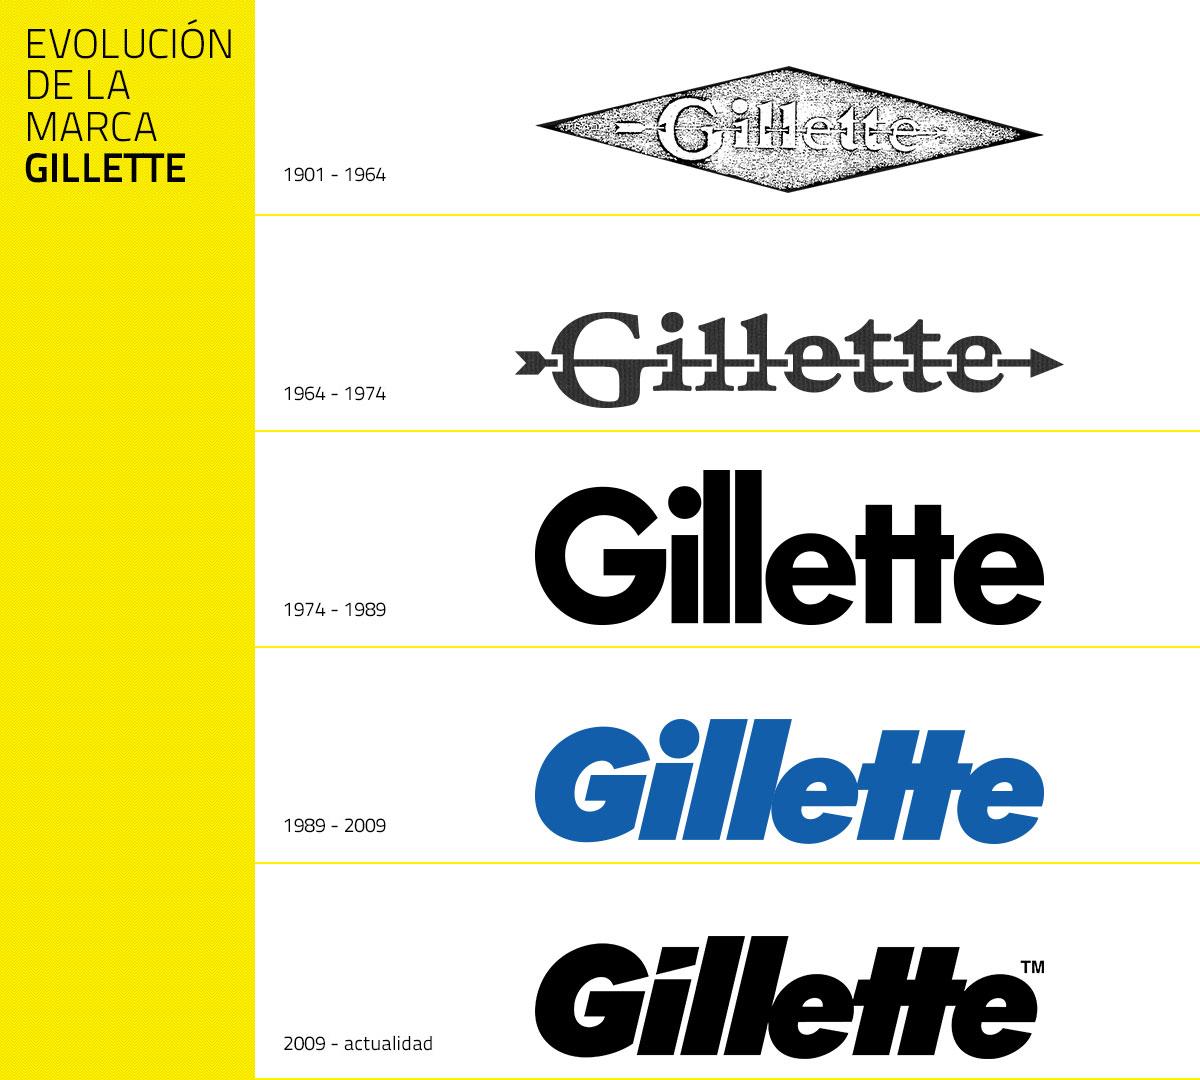 Evolución del logotipo de Gillette